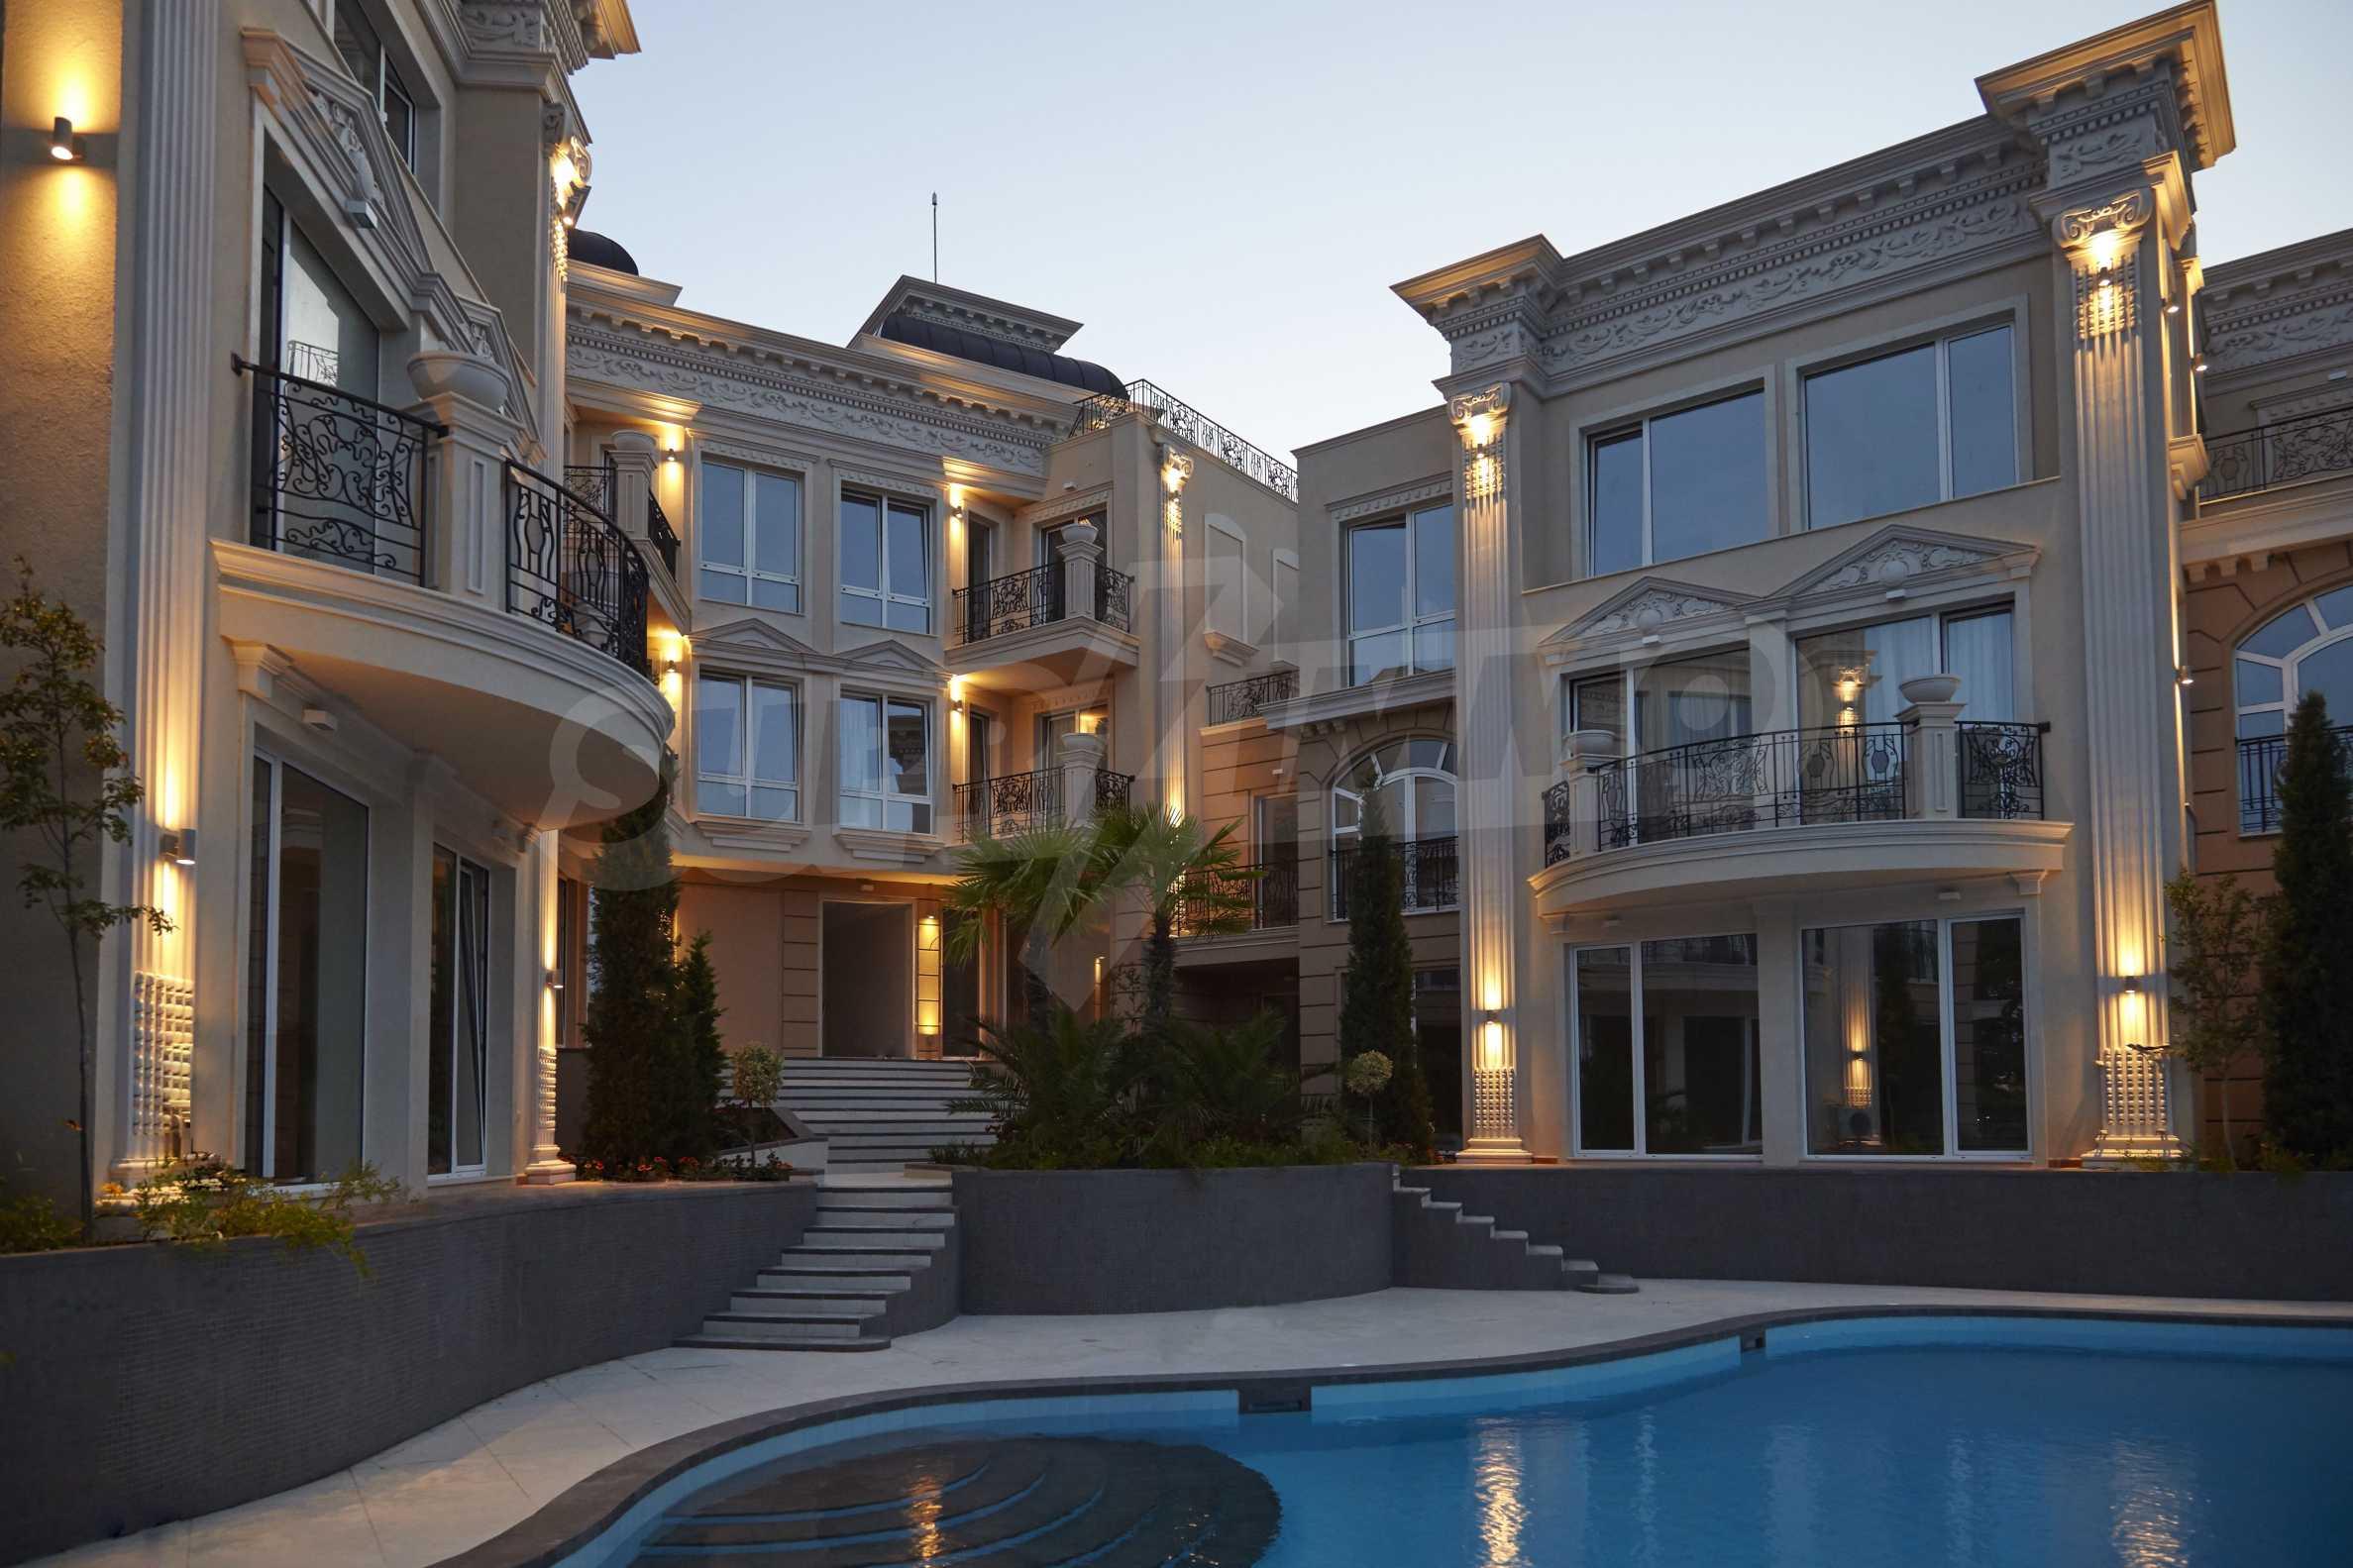 Двустаен апартамент в бутиковата резиденция до Централен плаж - Belle Époque (ап. №A 305) 30